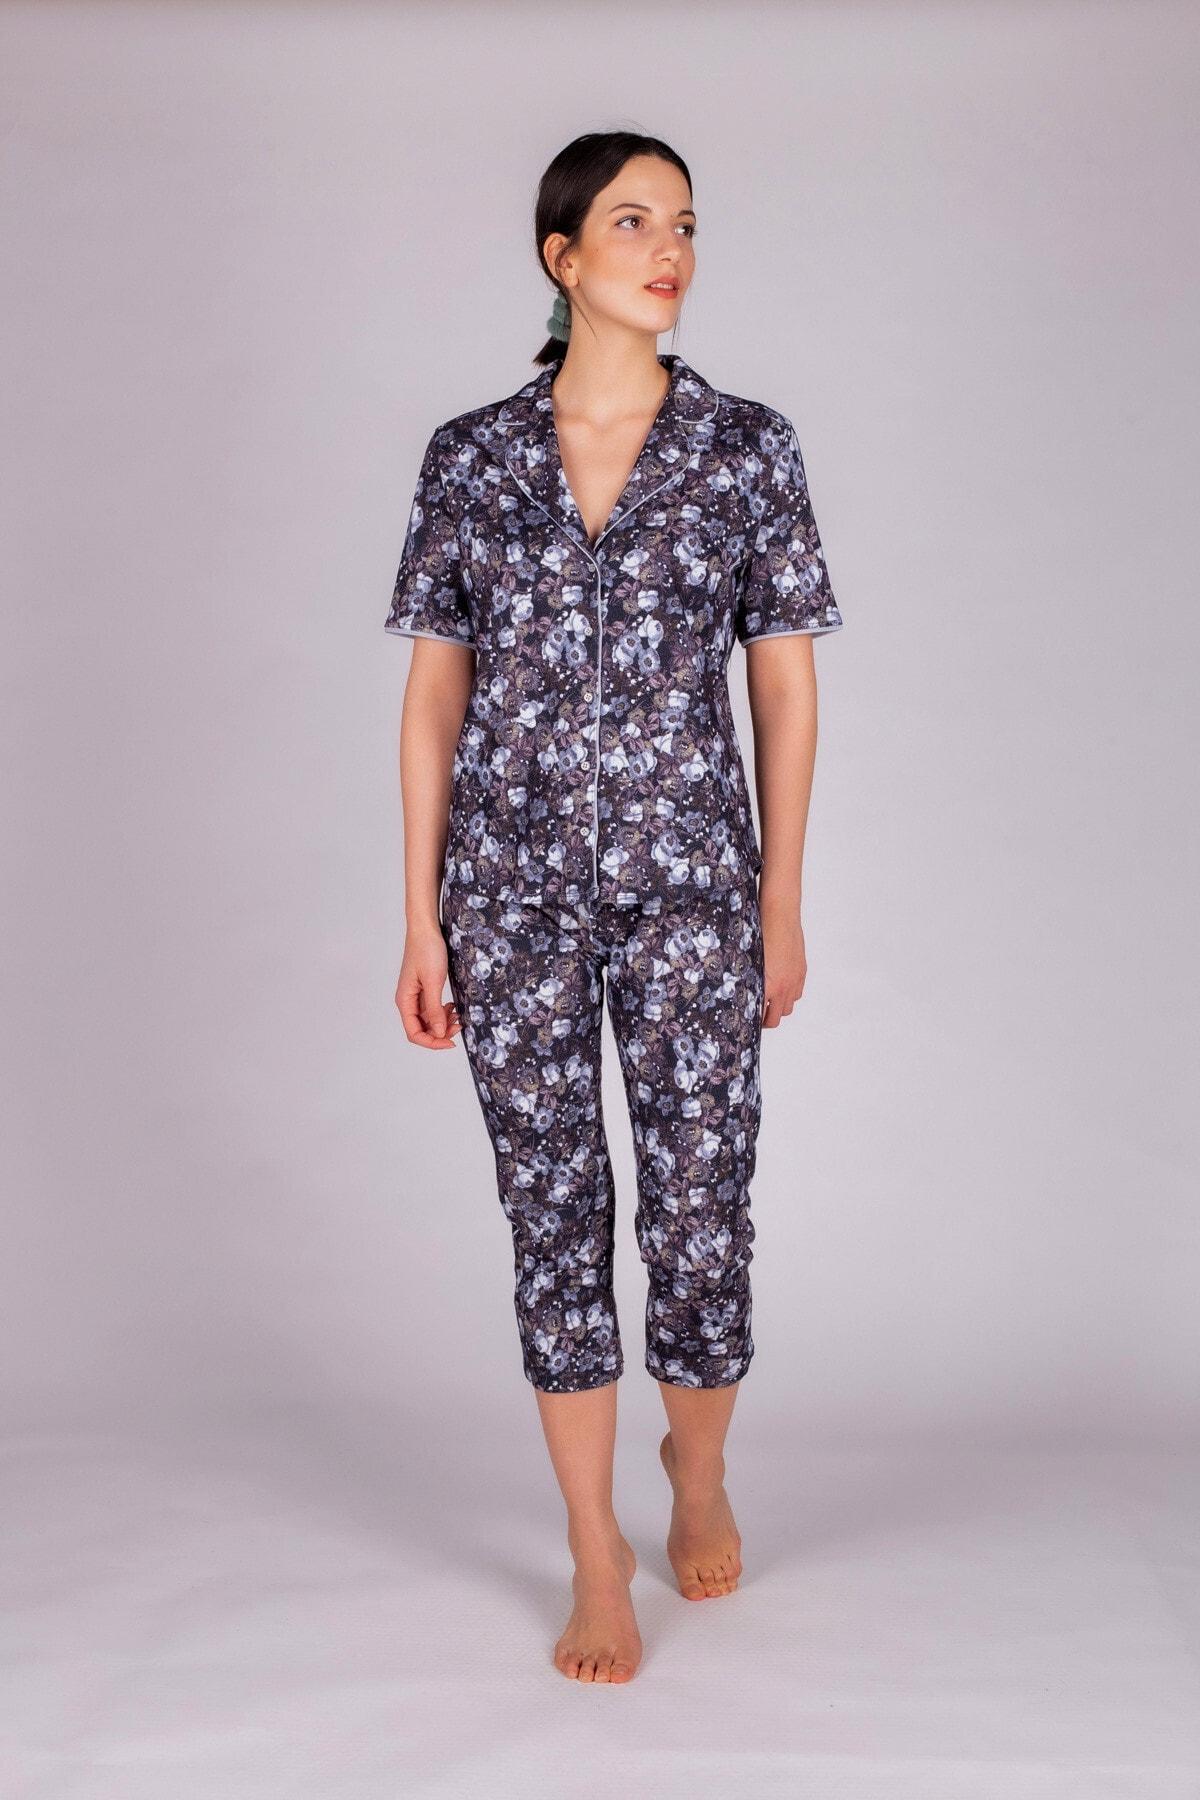 Hays Kadın Mavi Baskılı Kapri Pijama Takımı 2